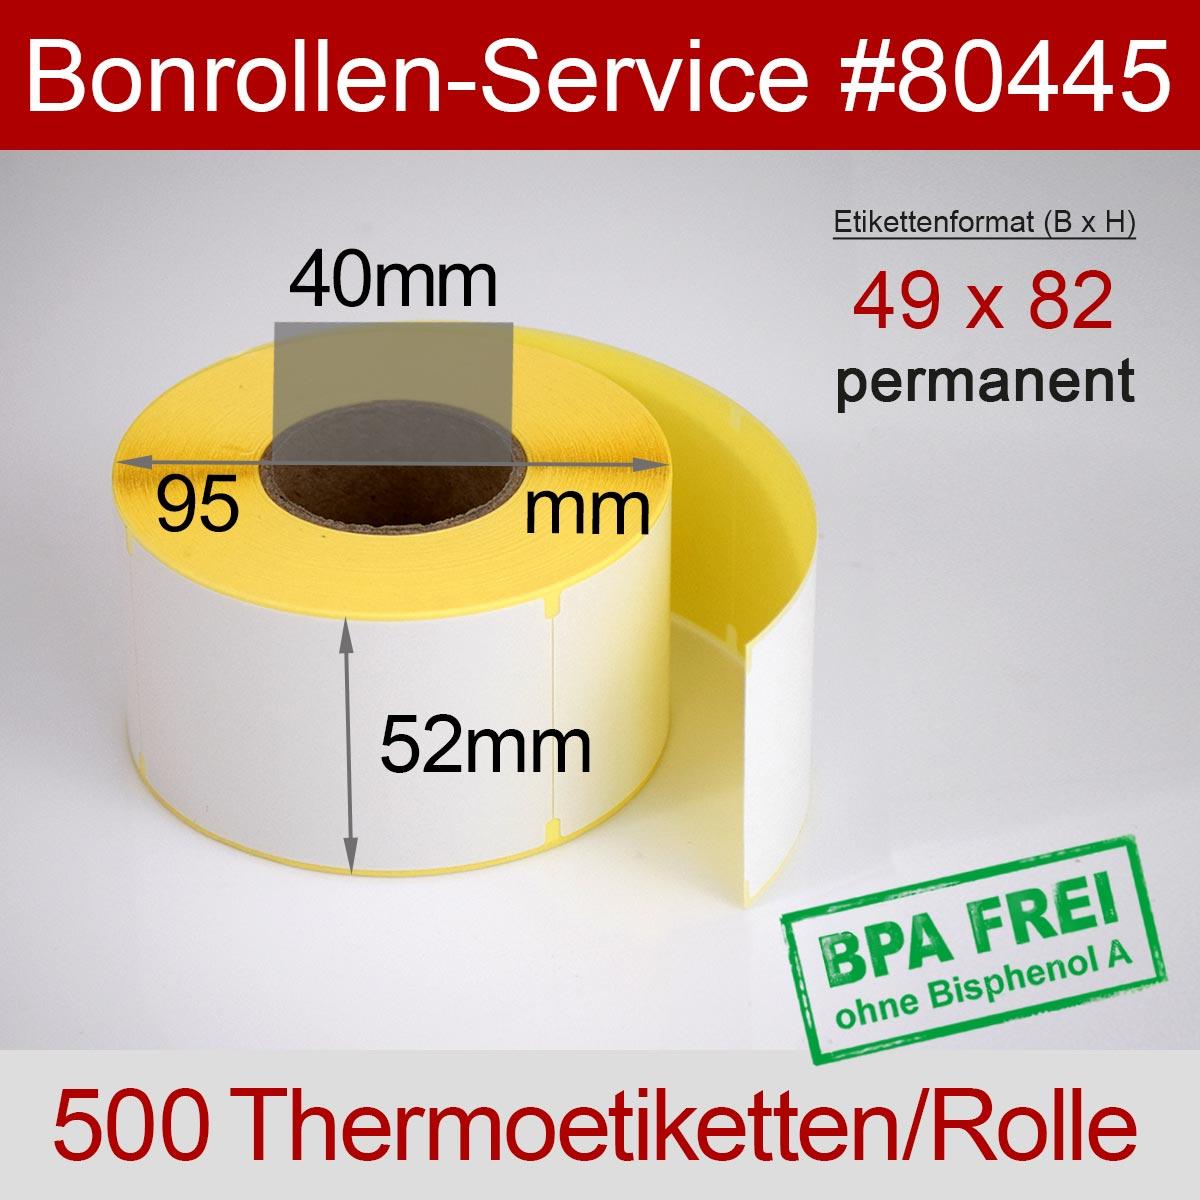 Thermo-Etikettenrollen BPA-frei 49mm x 82mm für Avery Berkel, permanent - Detailansicht